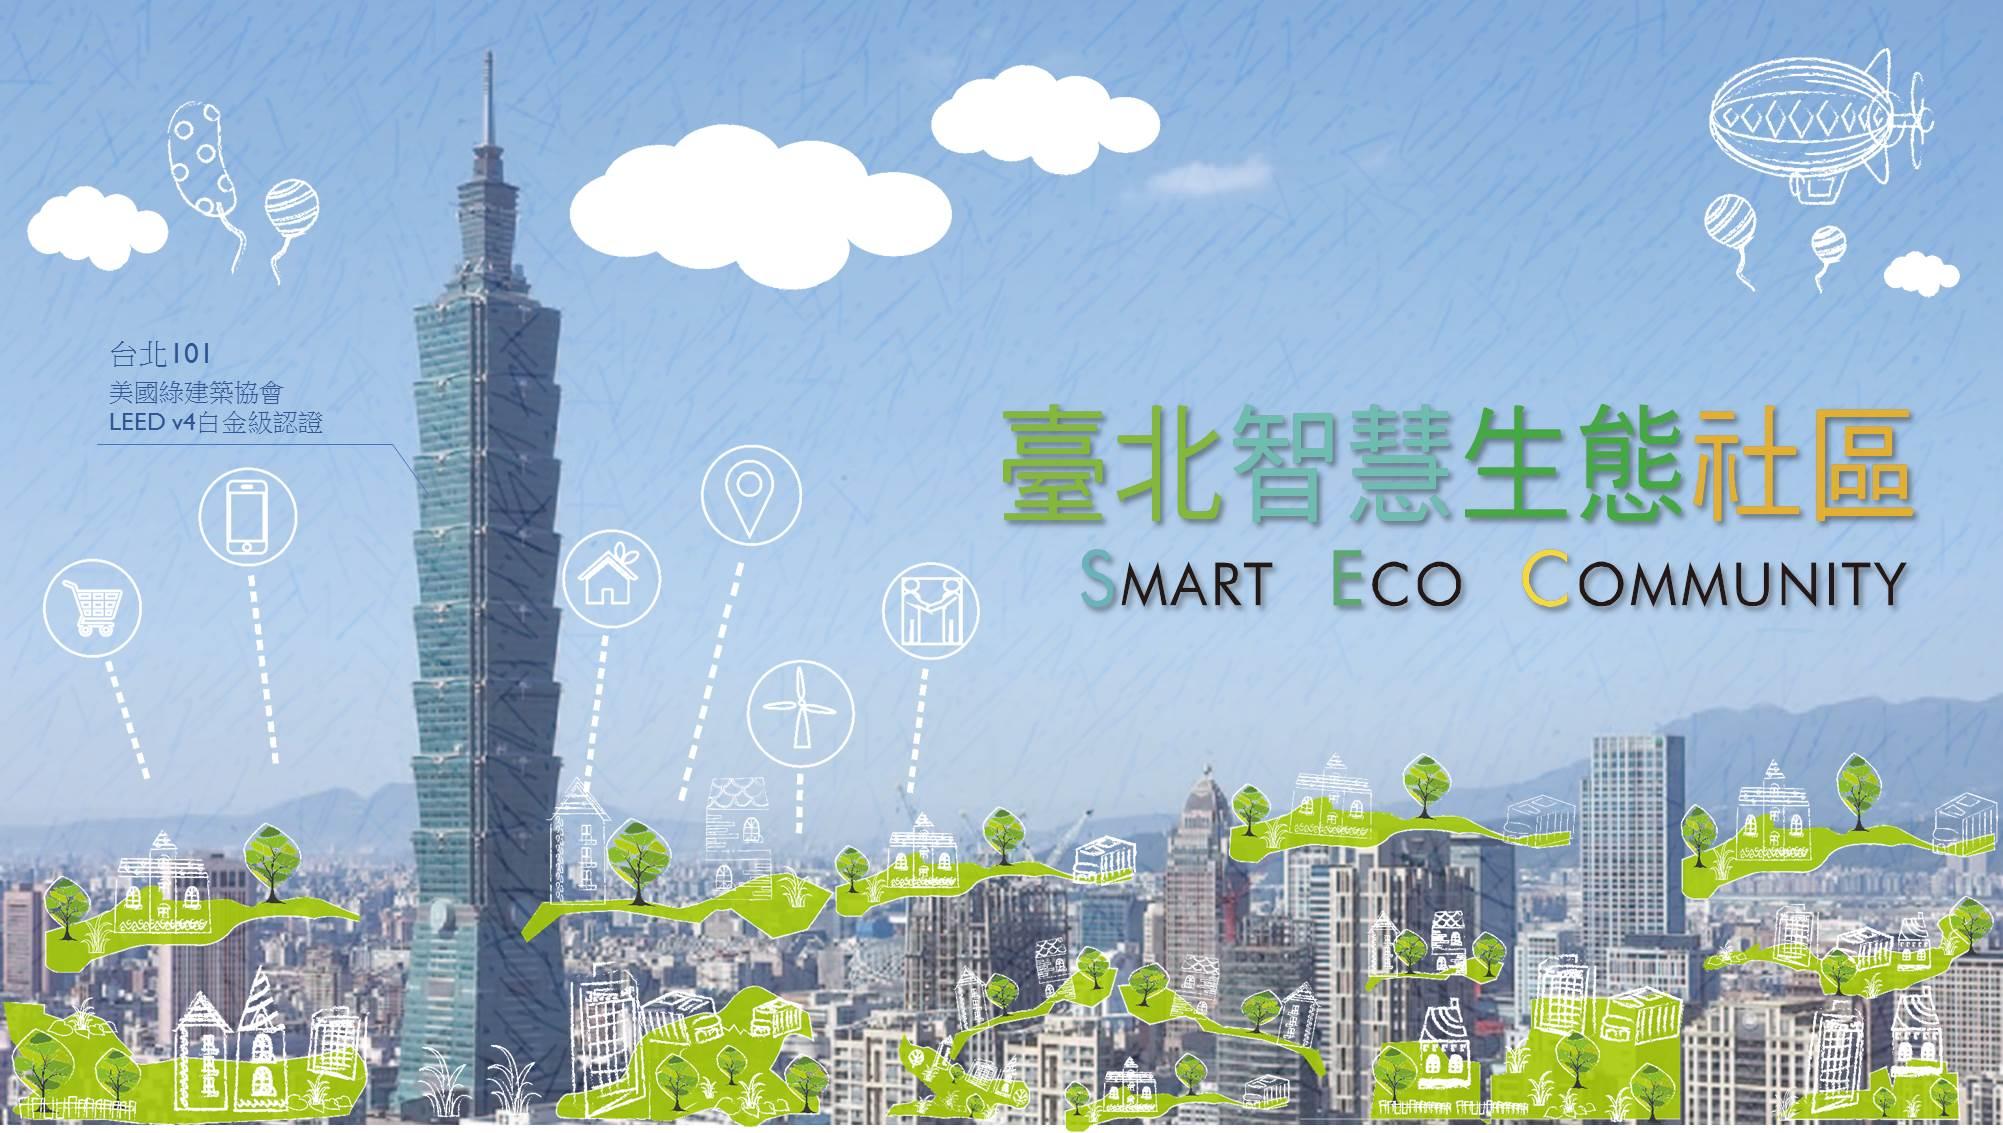 宜居永續臺北 從智慧生態社區開始